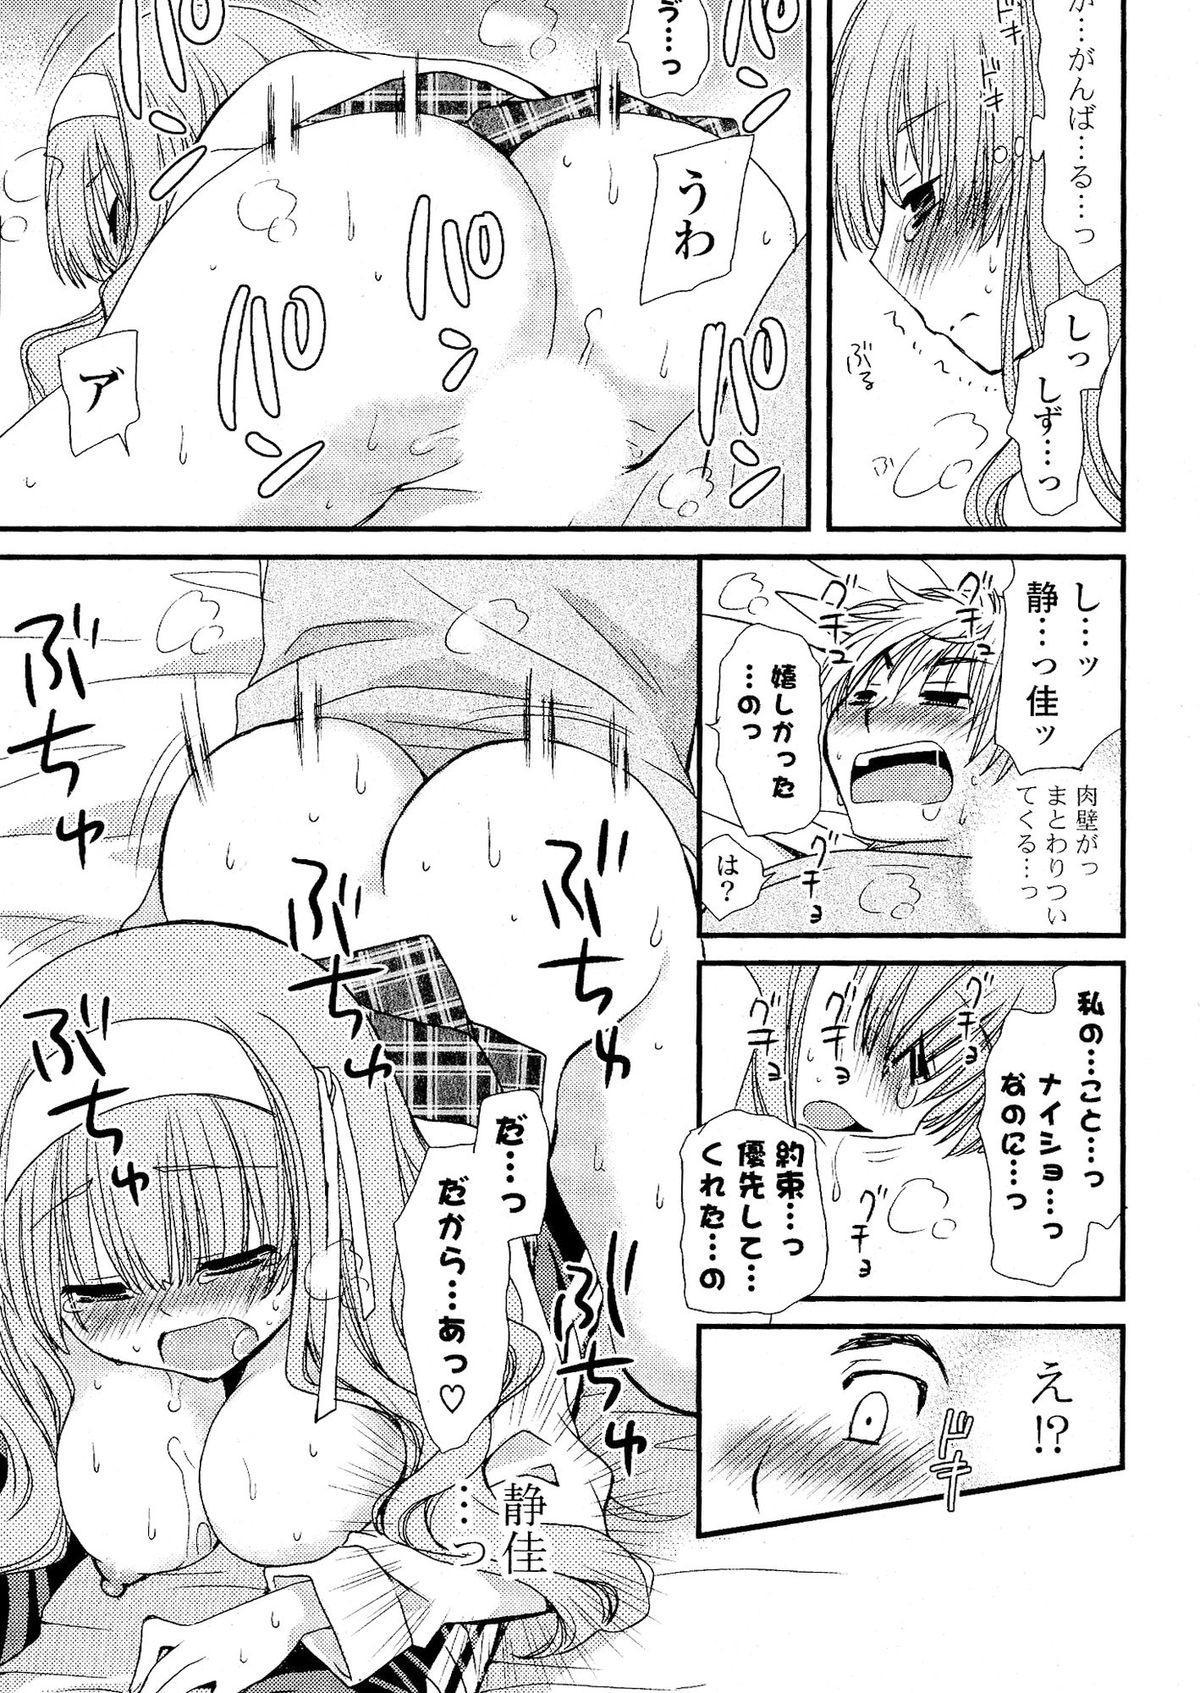 Doki ga Mune Mune Chichimusume 142